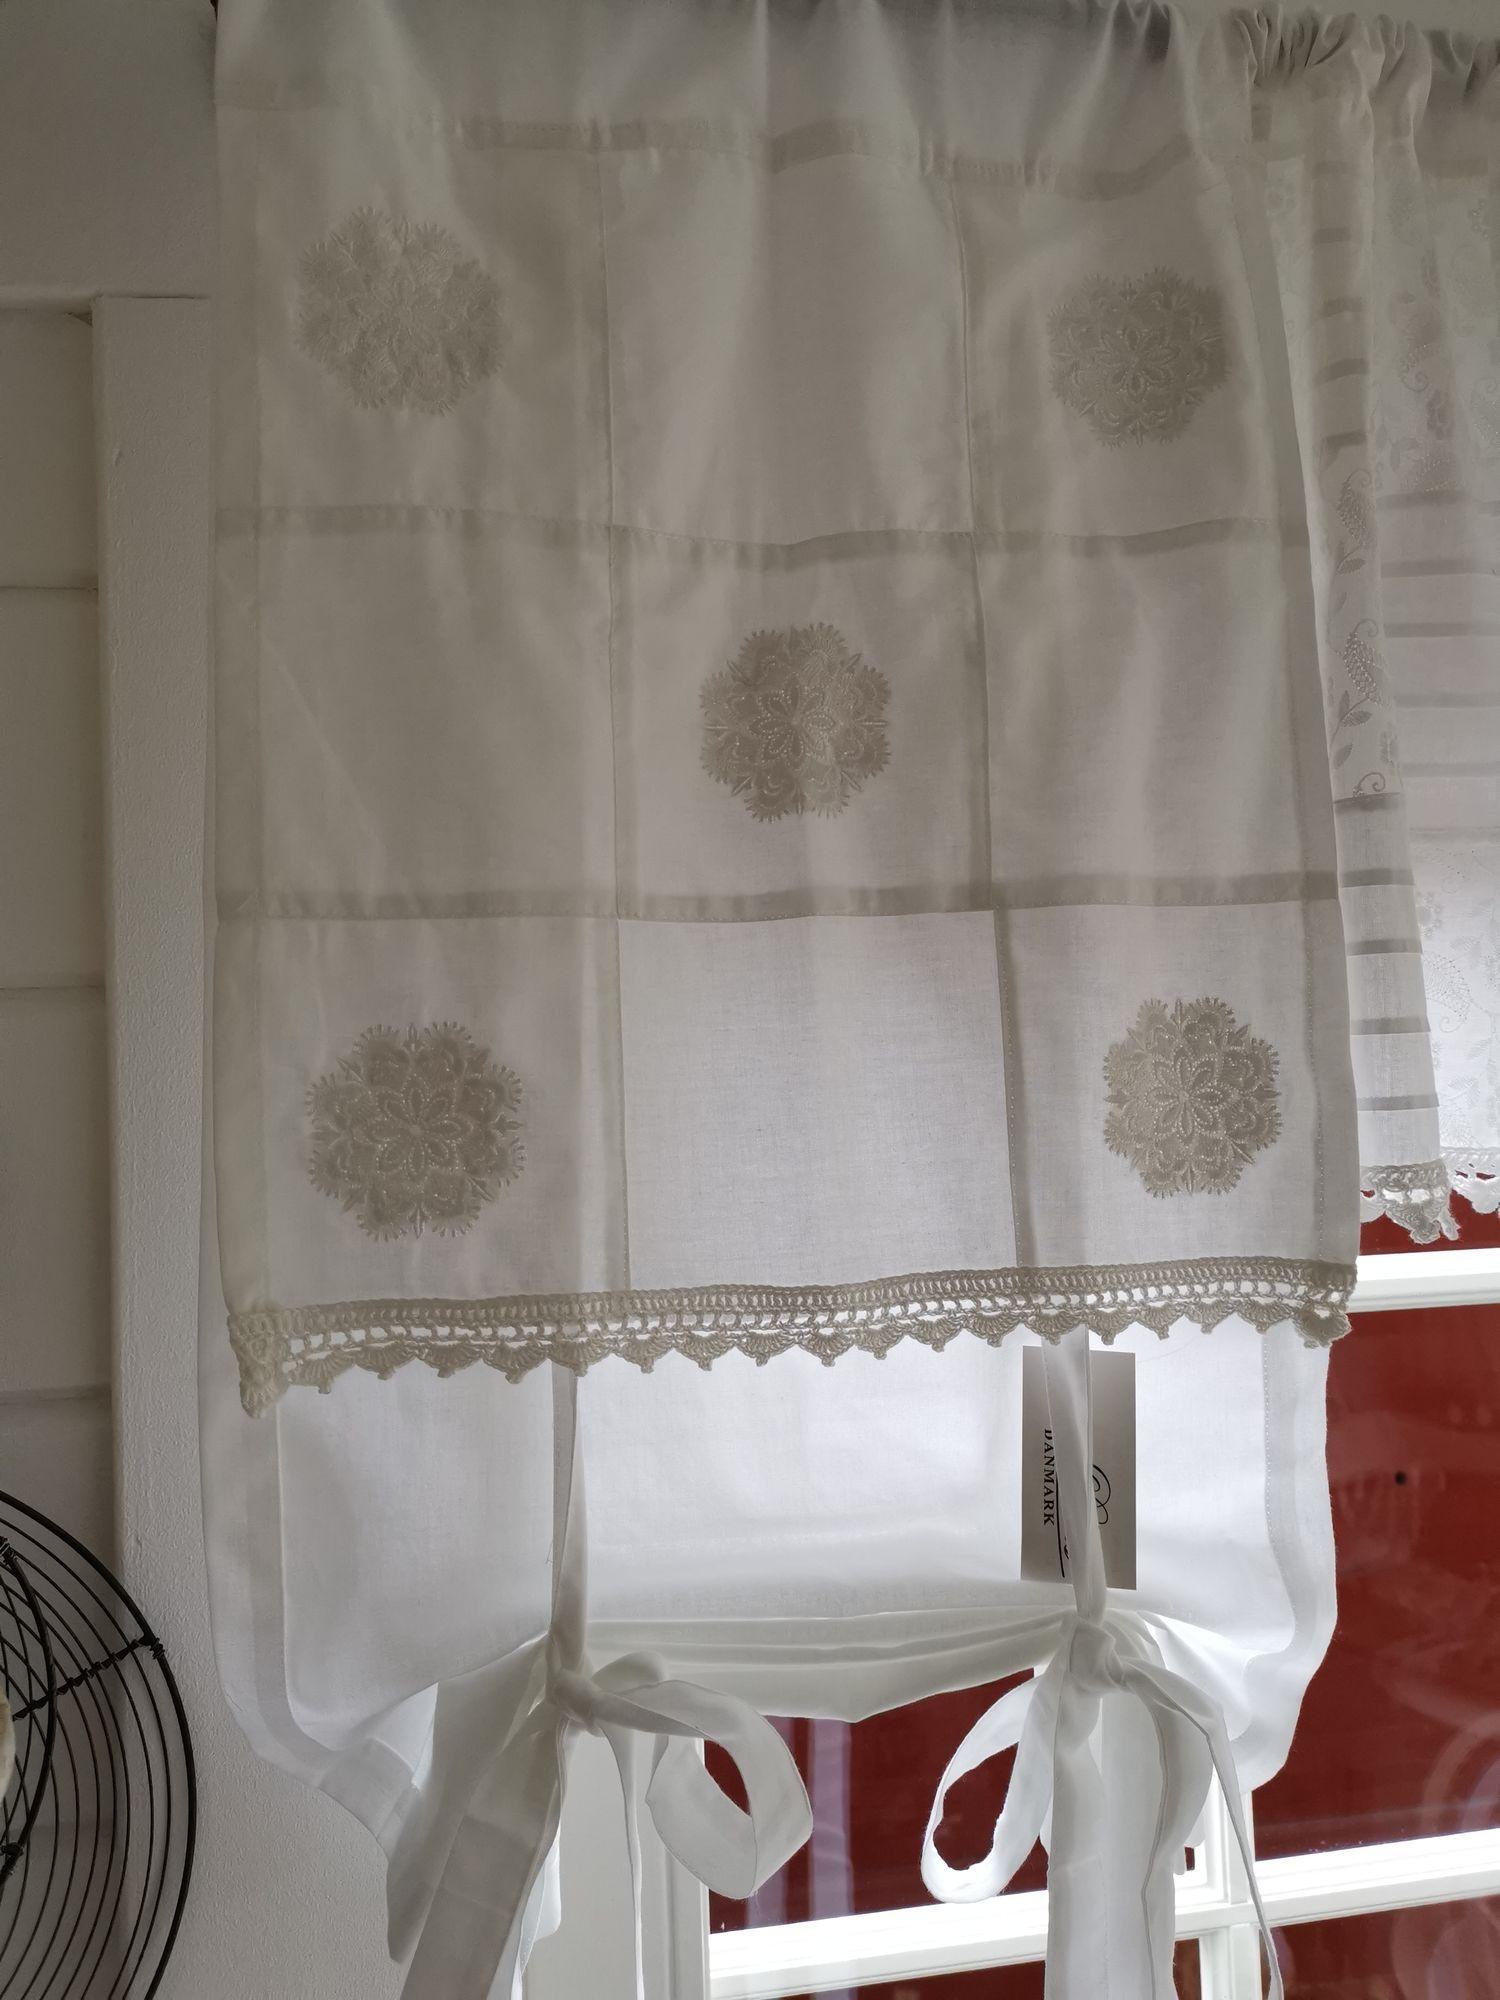 Full Size of Raffgardine Esstisch Landhaus Fenster Moderne Landhausküche Bett Küche Landhausstil Schlafzimmer Sofa Wandregal Wohnzimmer Weiß Betten Grau Bad Regal Weisse Wohnzimmer Raffrollo Landhaus